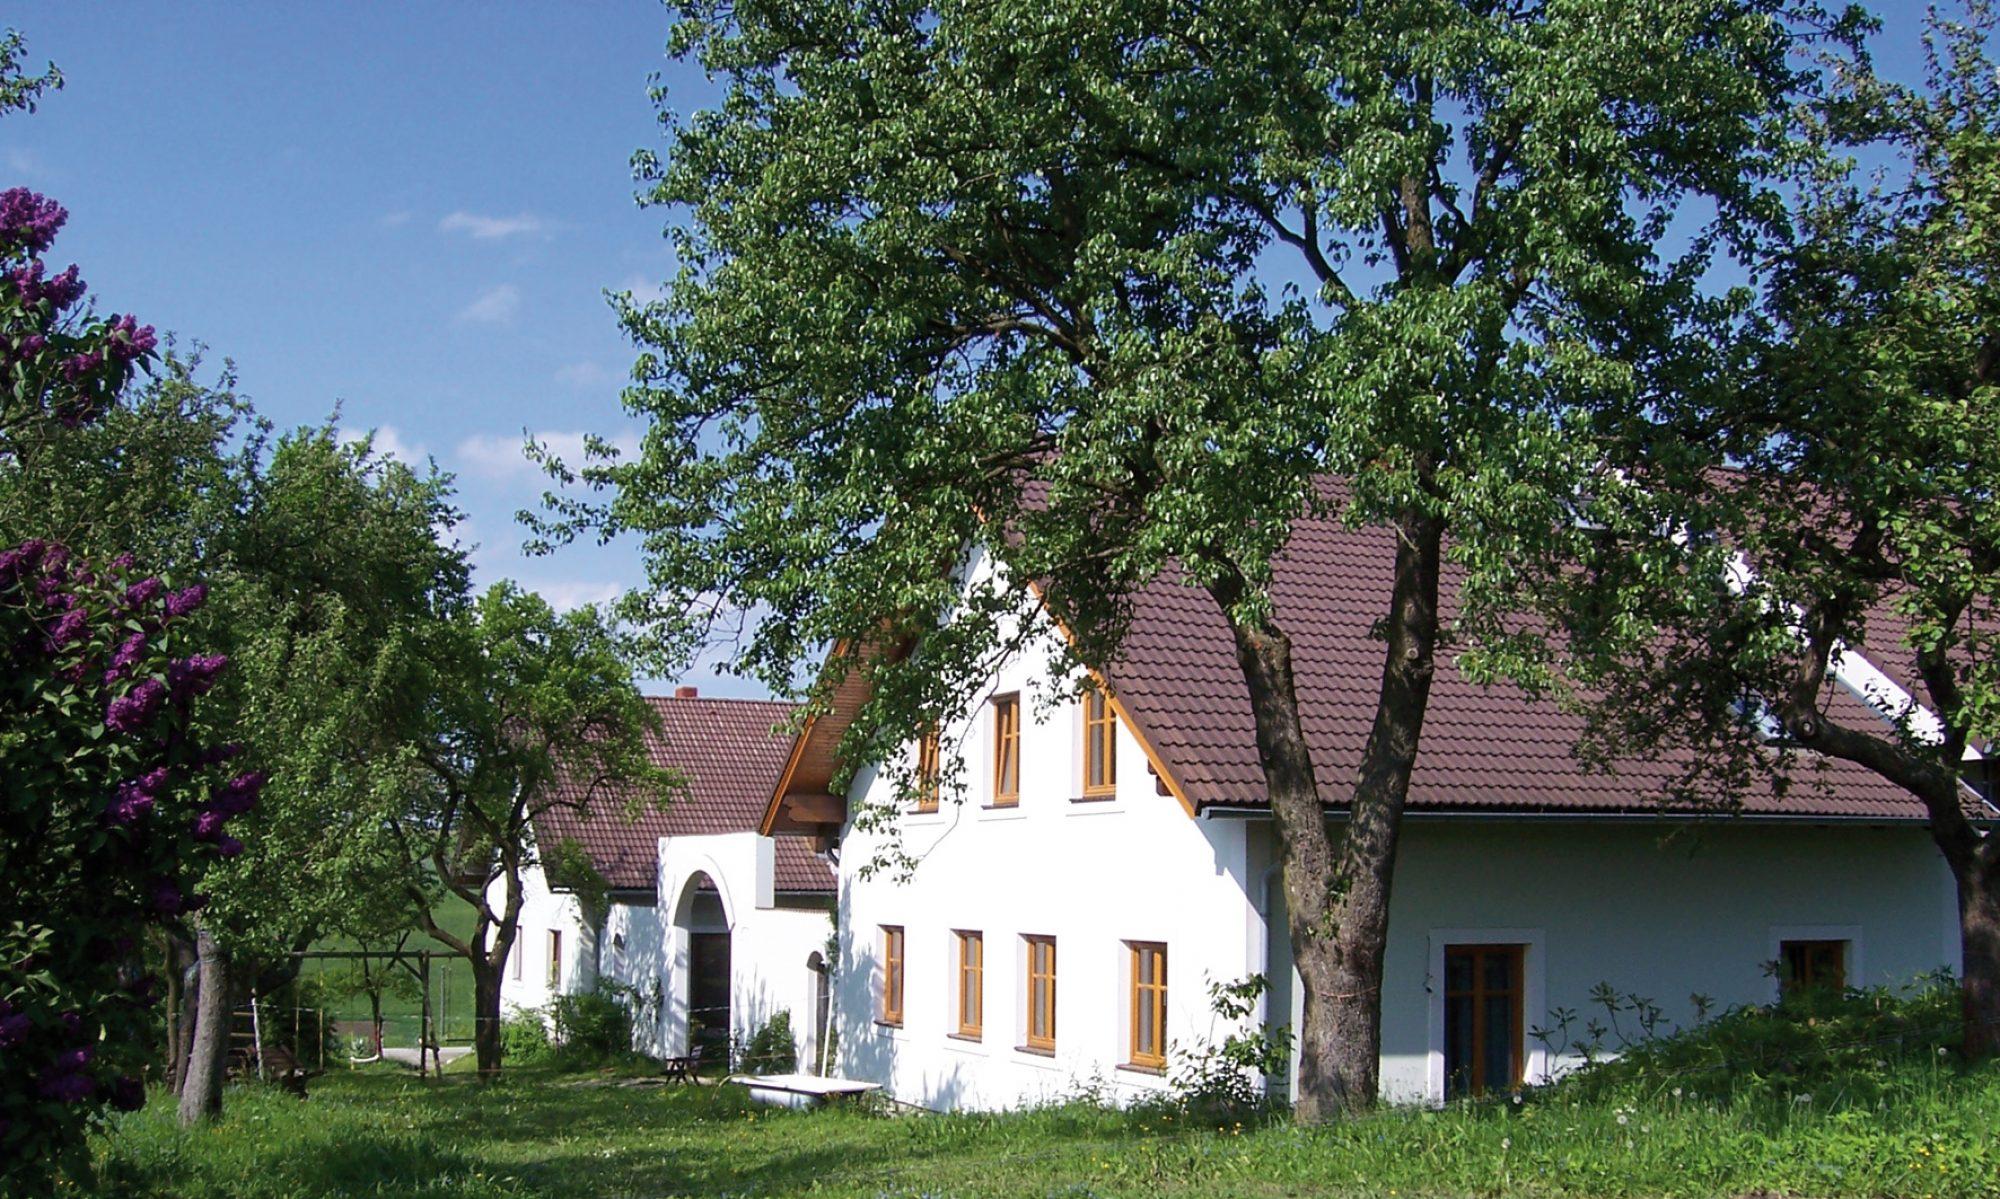 Schildorfer - Urlaub am Bio-Bauernhof